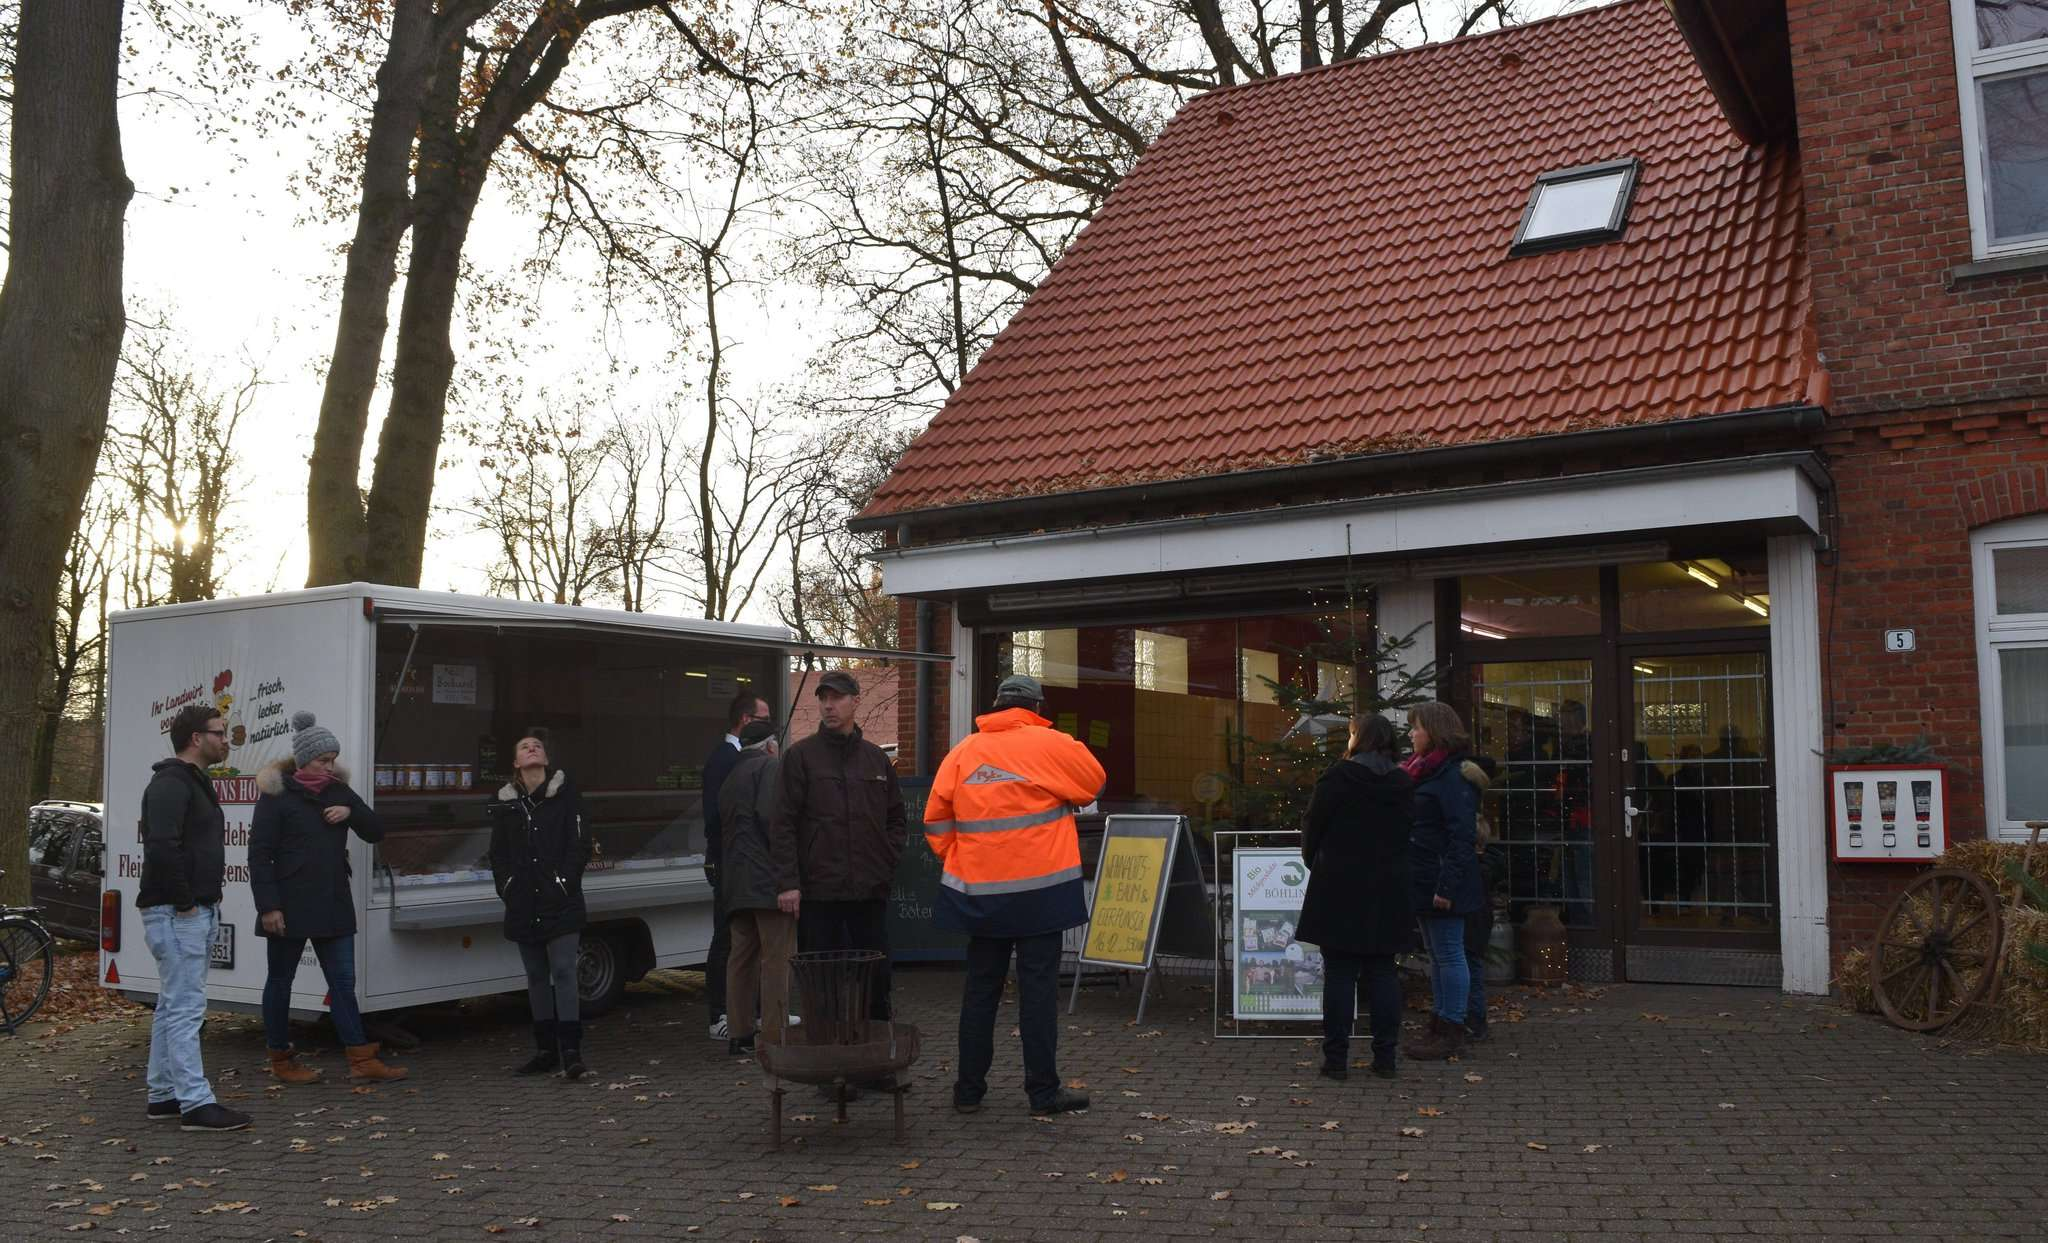 Bürger informieren sich in den potenziellen Geschäftsräumen über den Stand der Bemühungen, die wieder einen Lebensmittelladen und -punkt nach Bötersen bringen sollen.